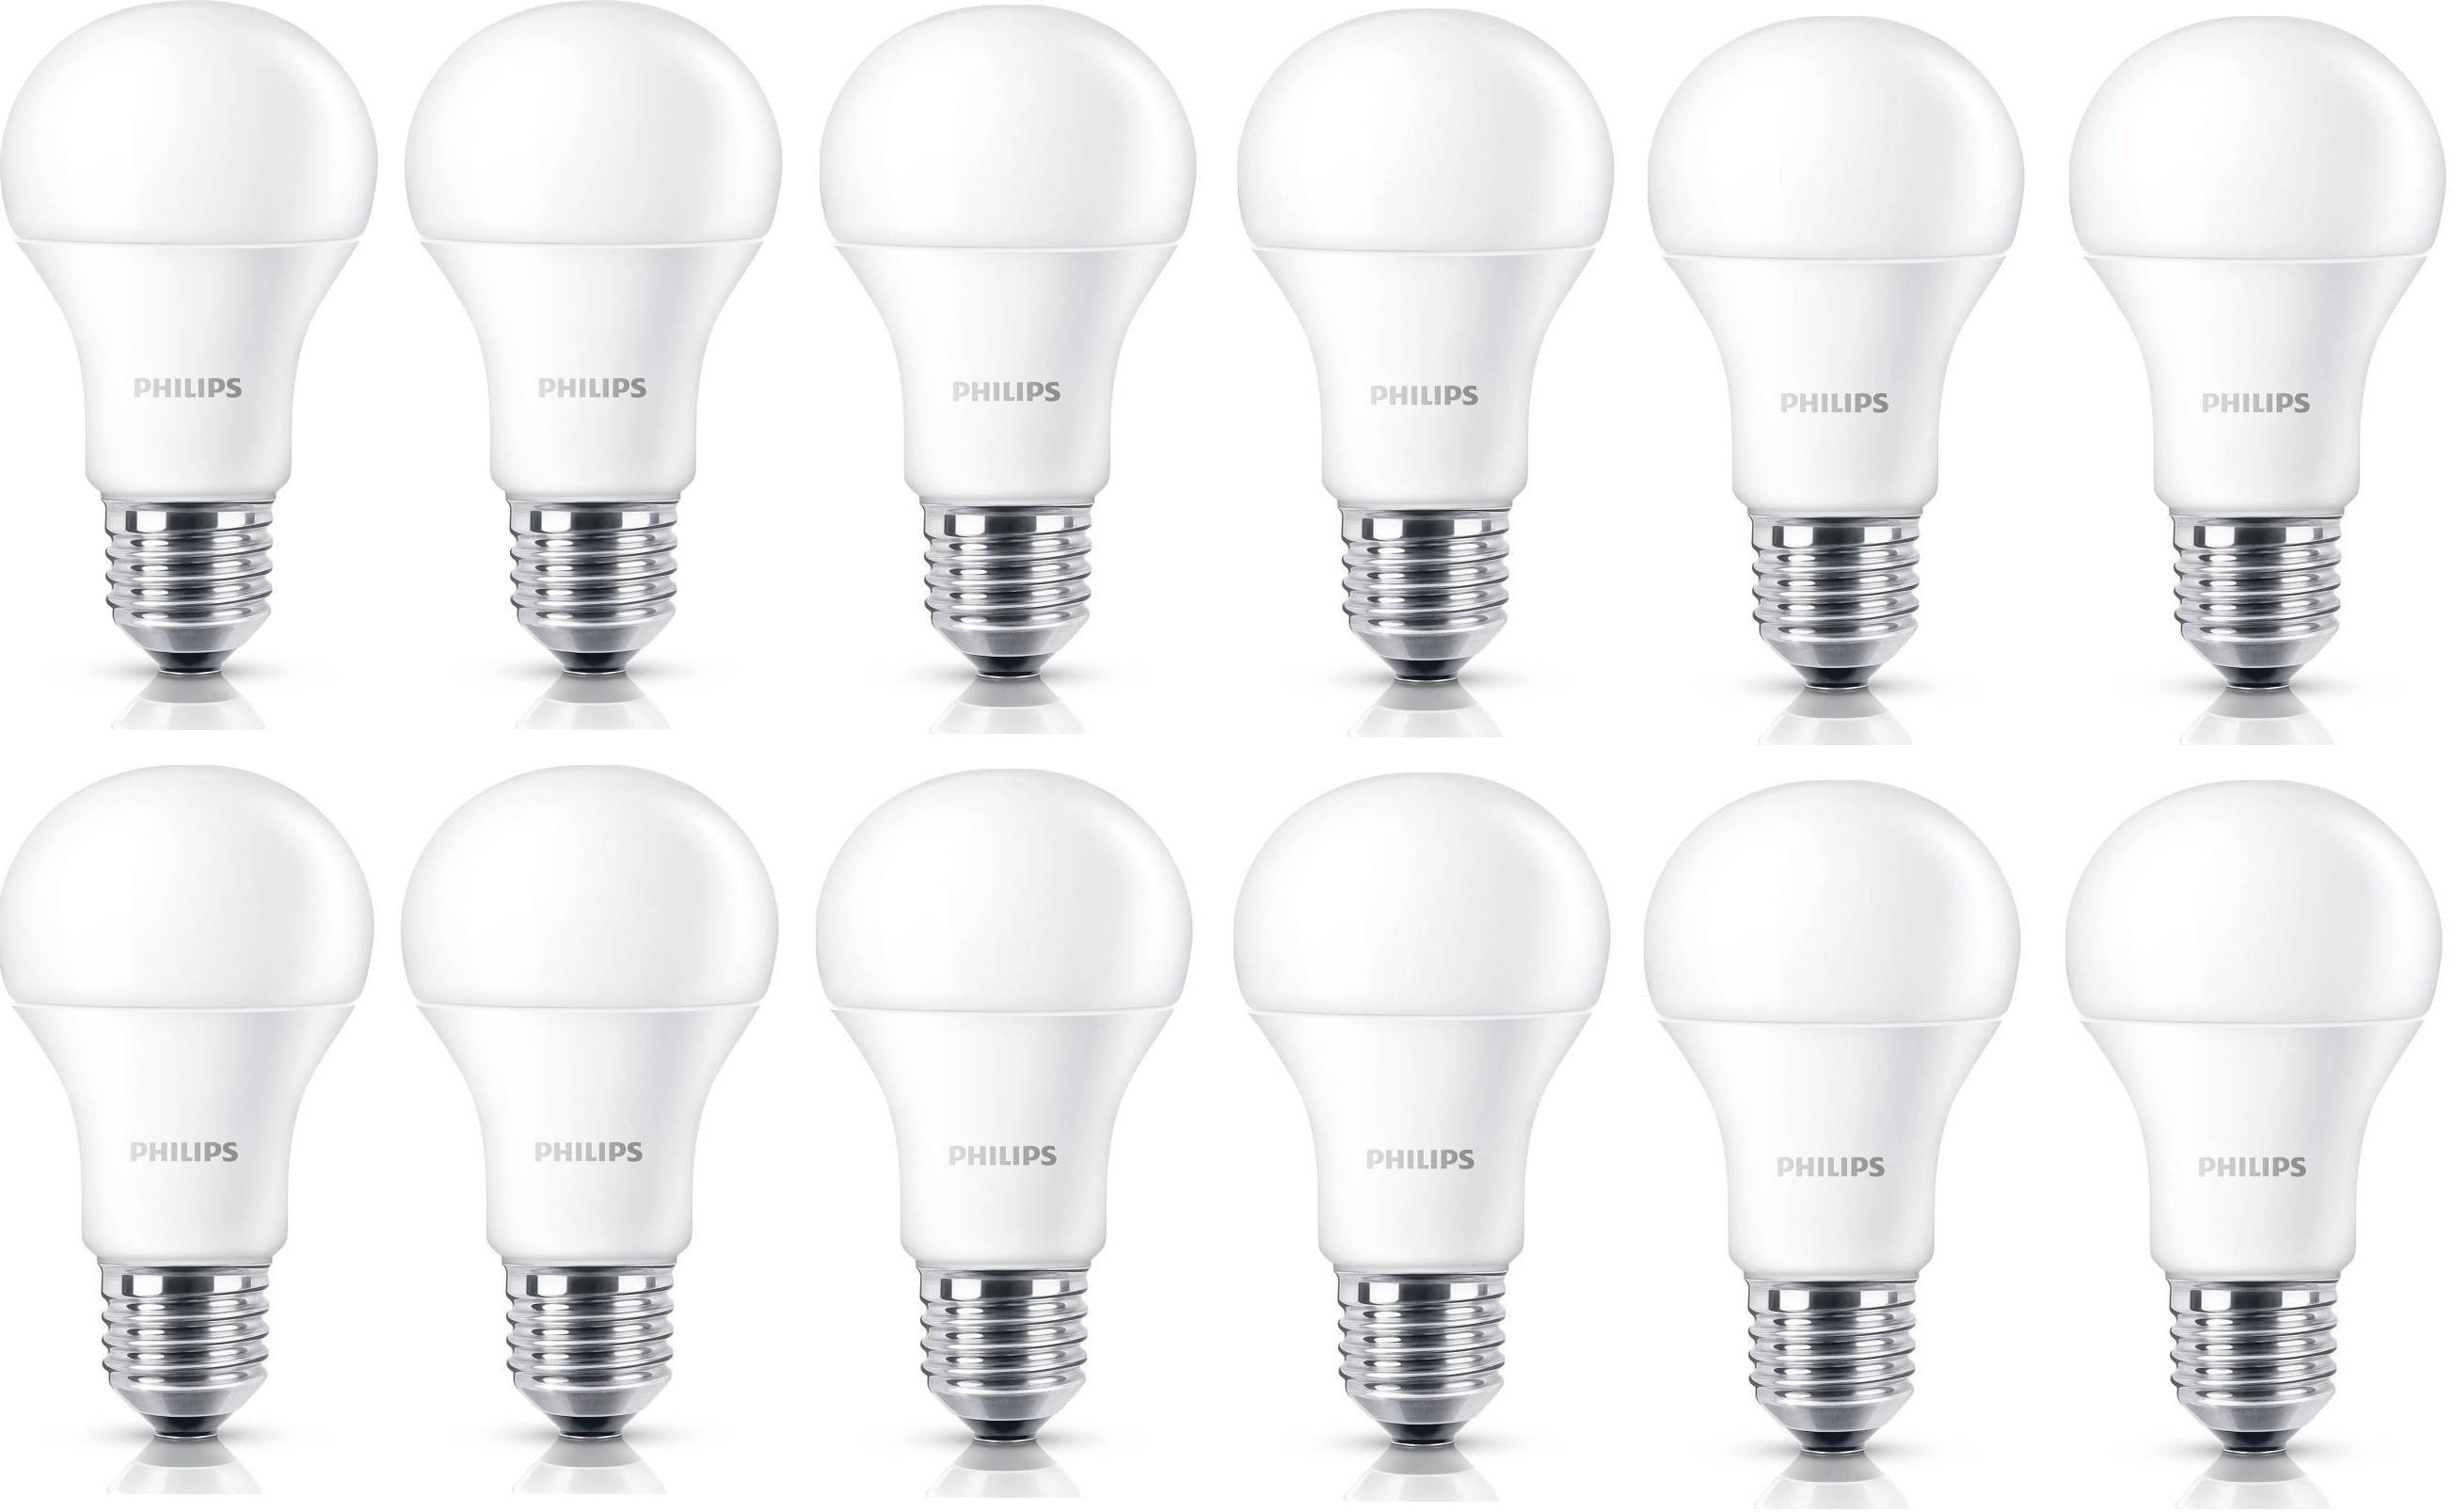 philips-14w-e27-led-bulb-warm-white-pack-of-12-pes-philips-original-imaequn4q3xzgdyf Faszinierend Led E27 12 Watt Dekorationen